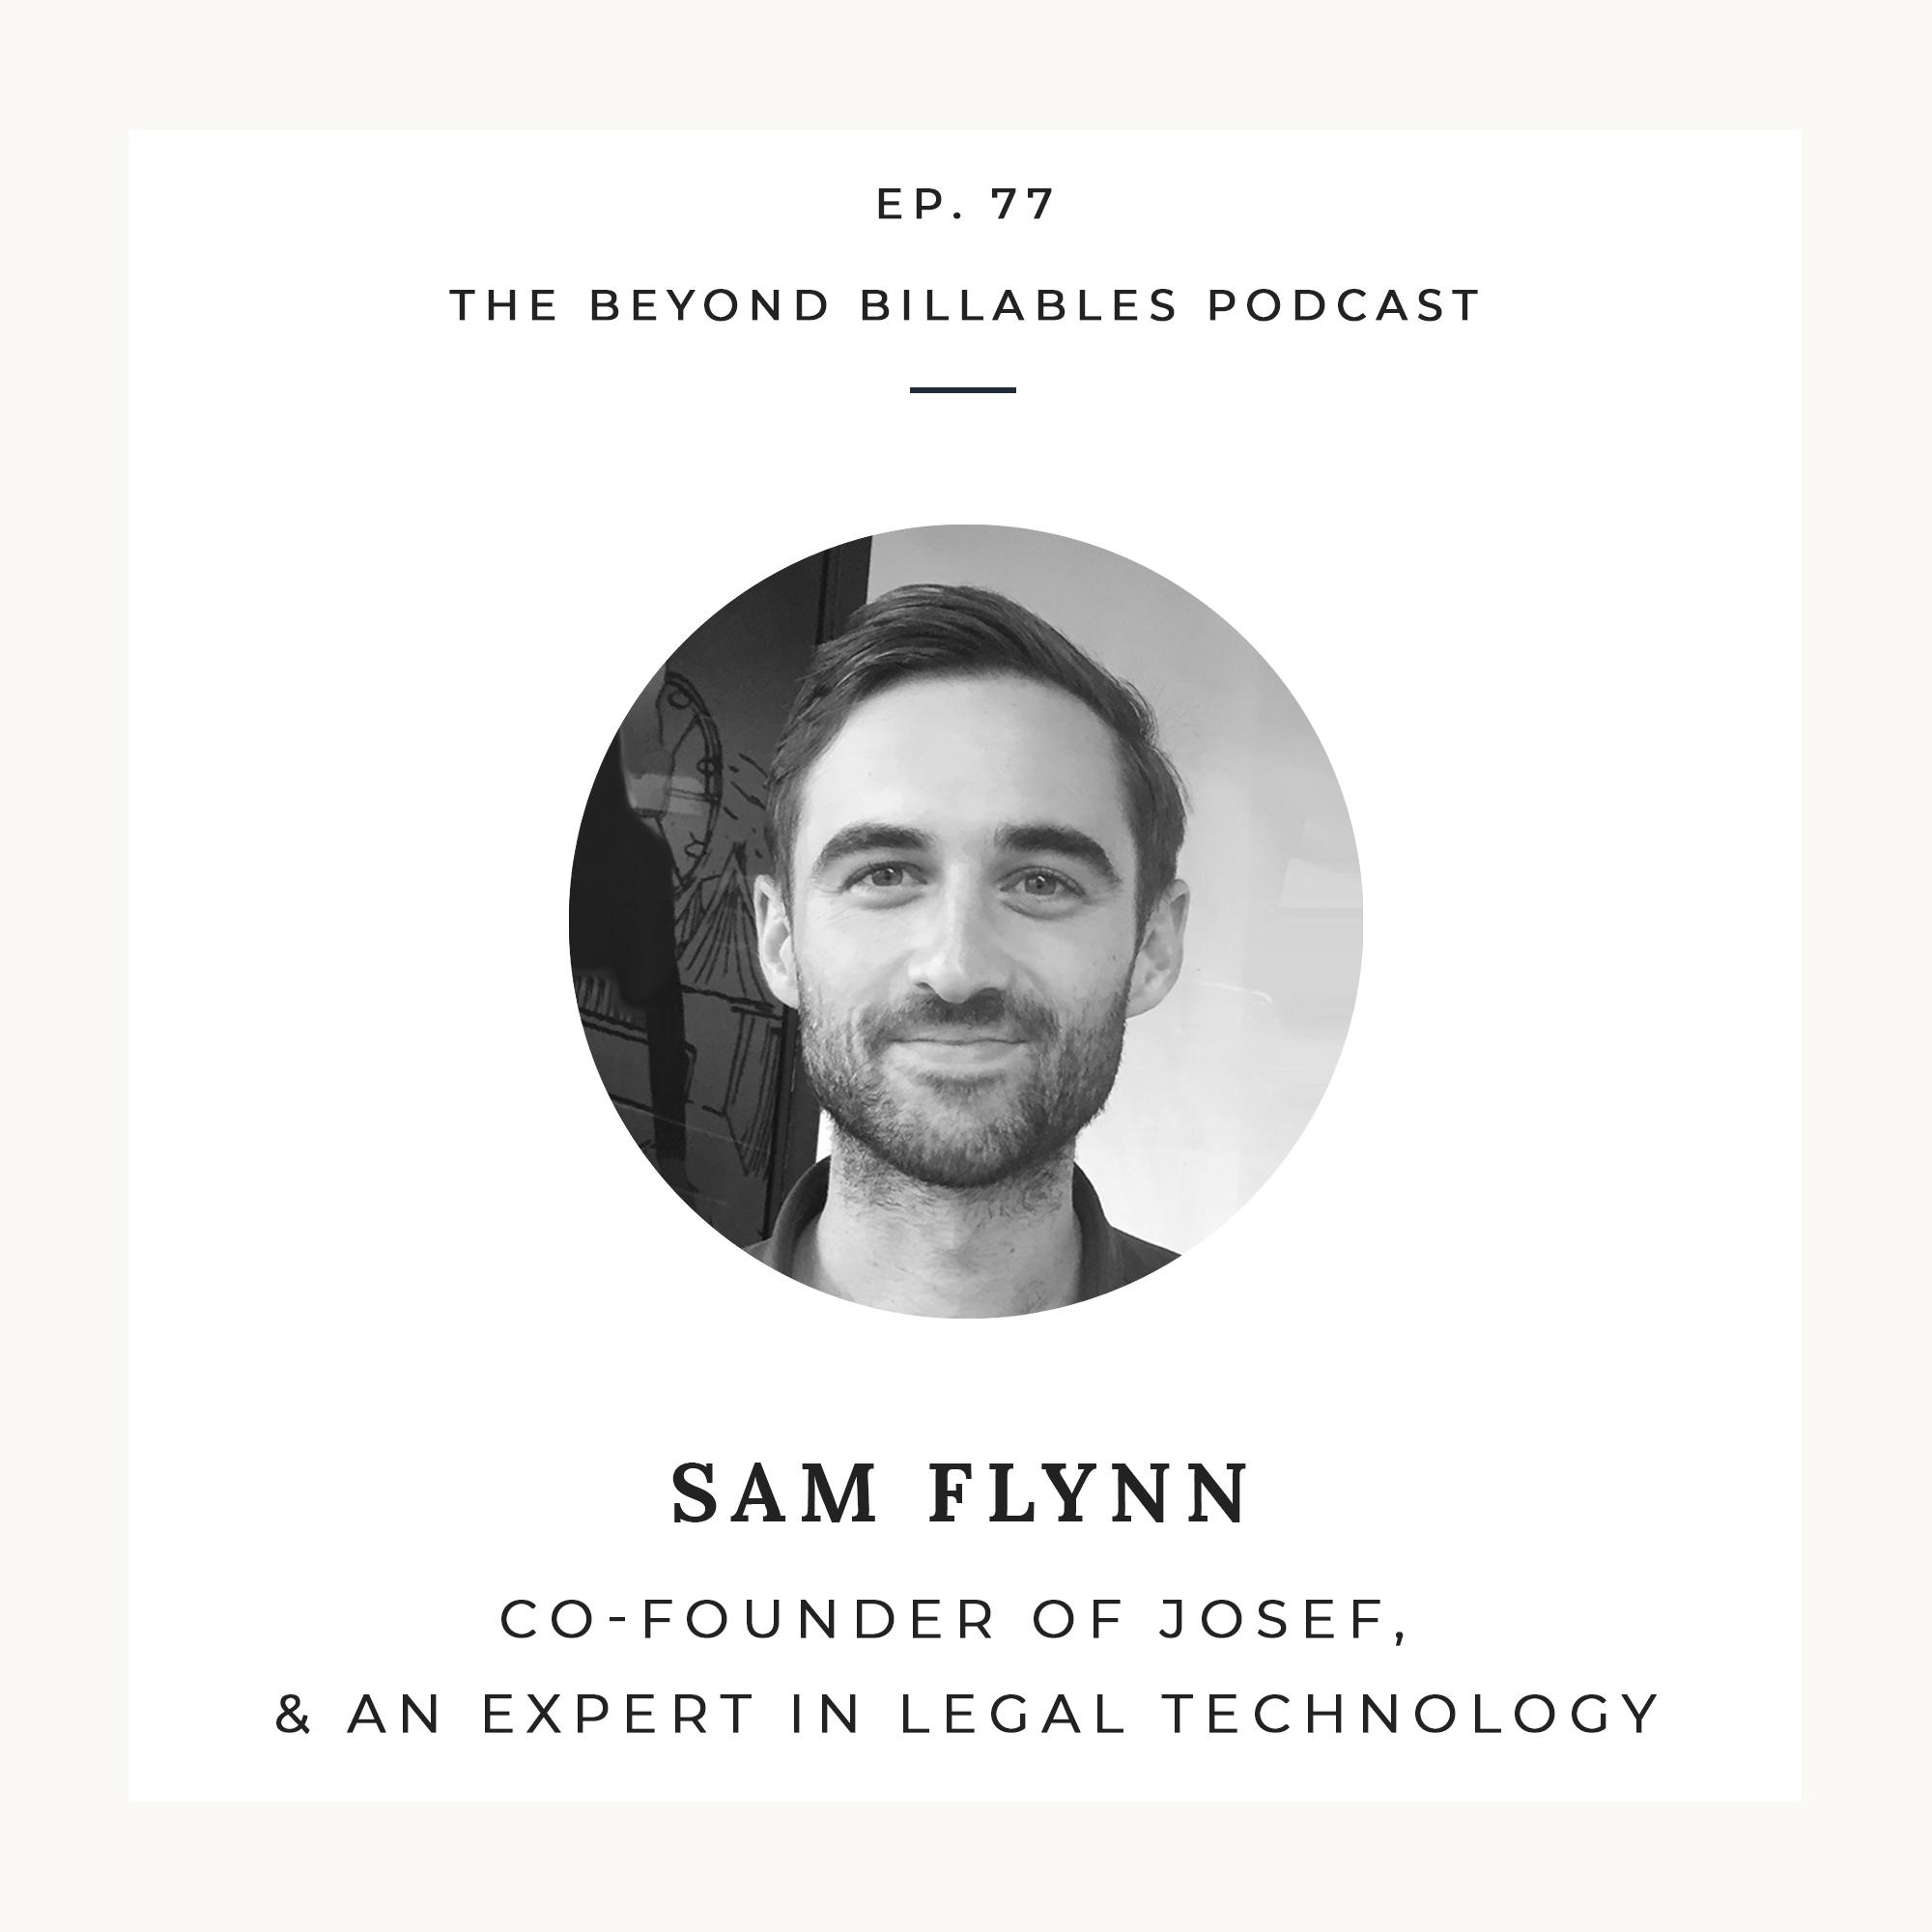 Sam Flynn